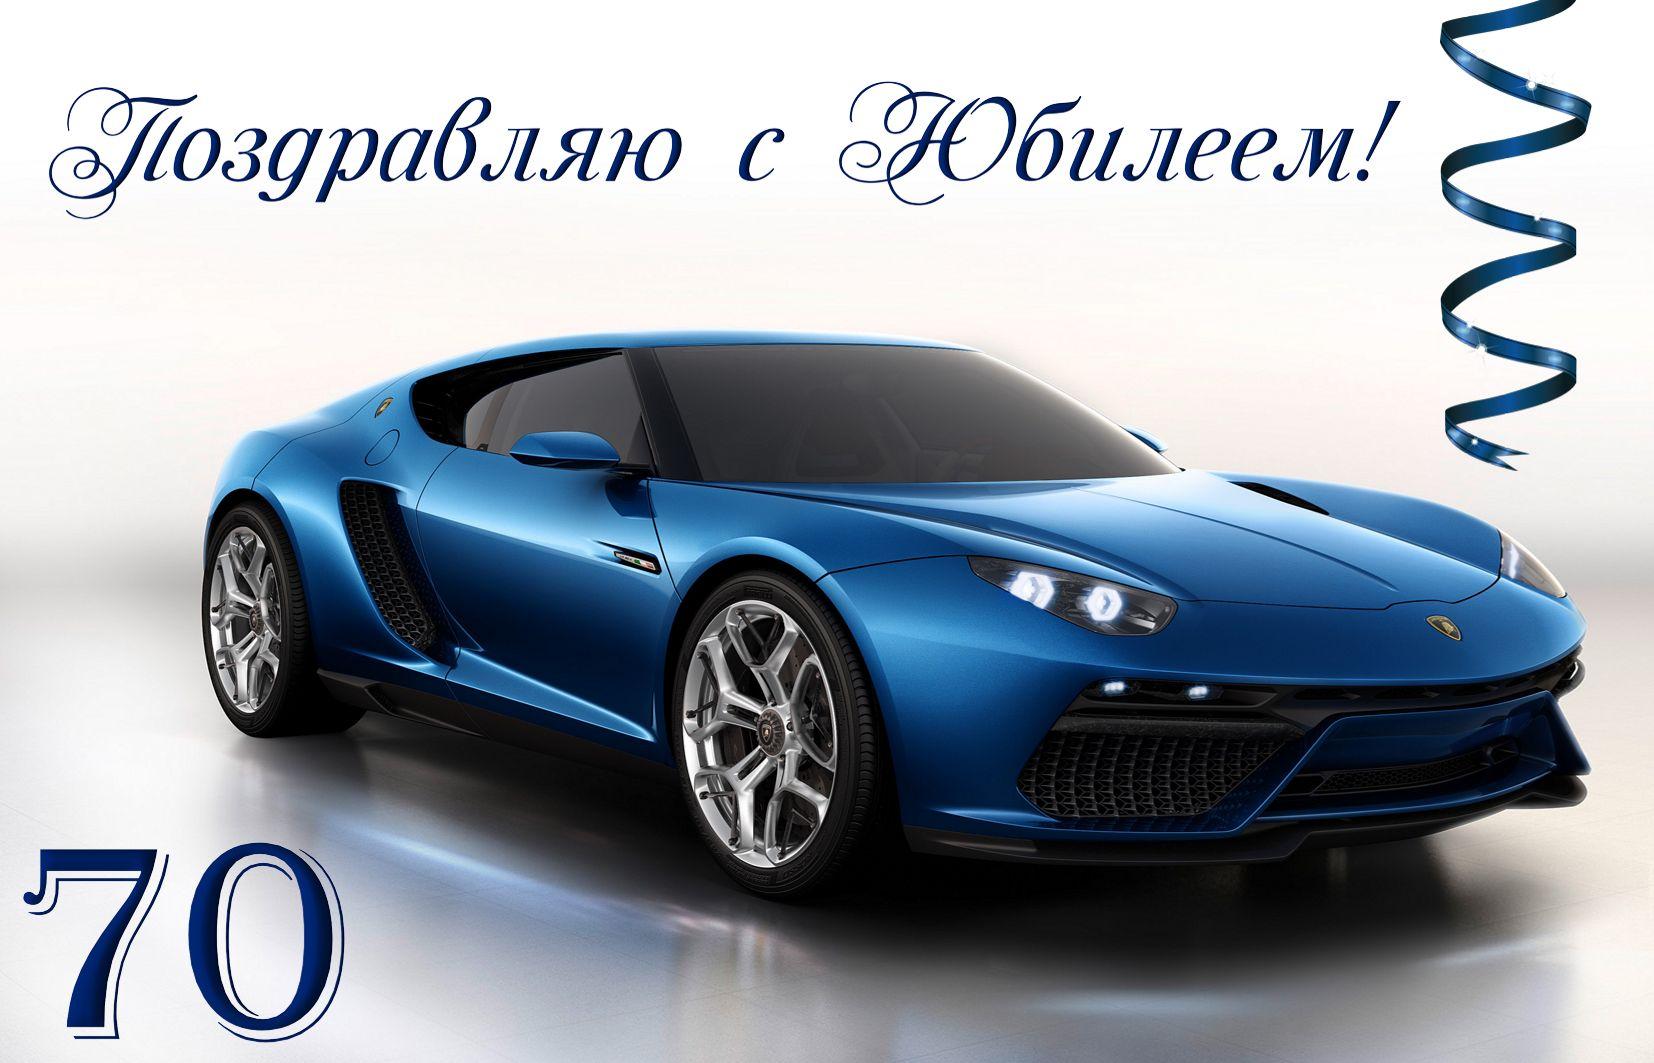 Спортивная машина в красивом оформлении